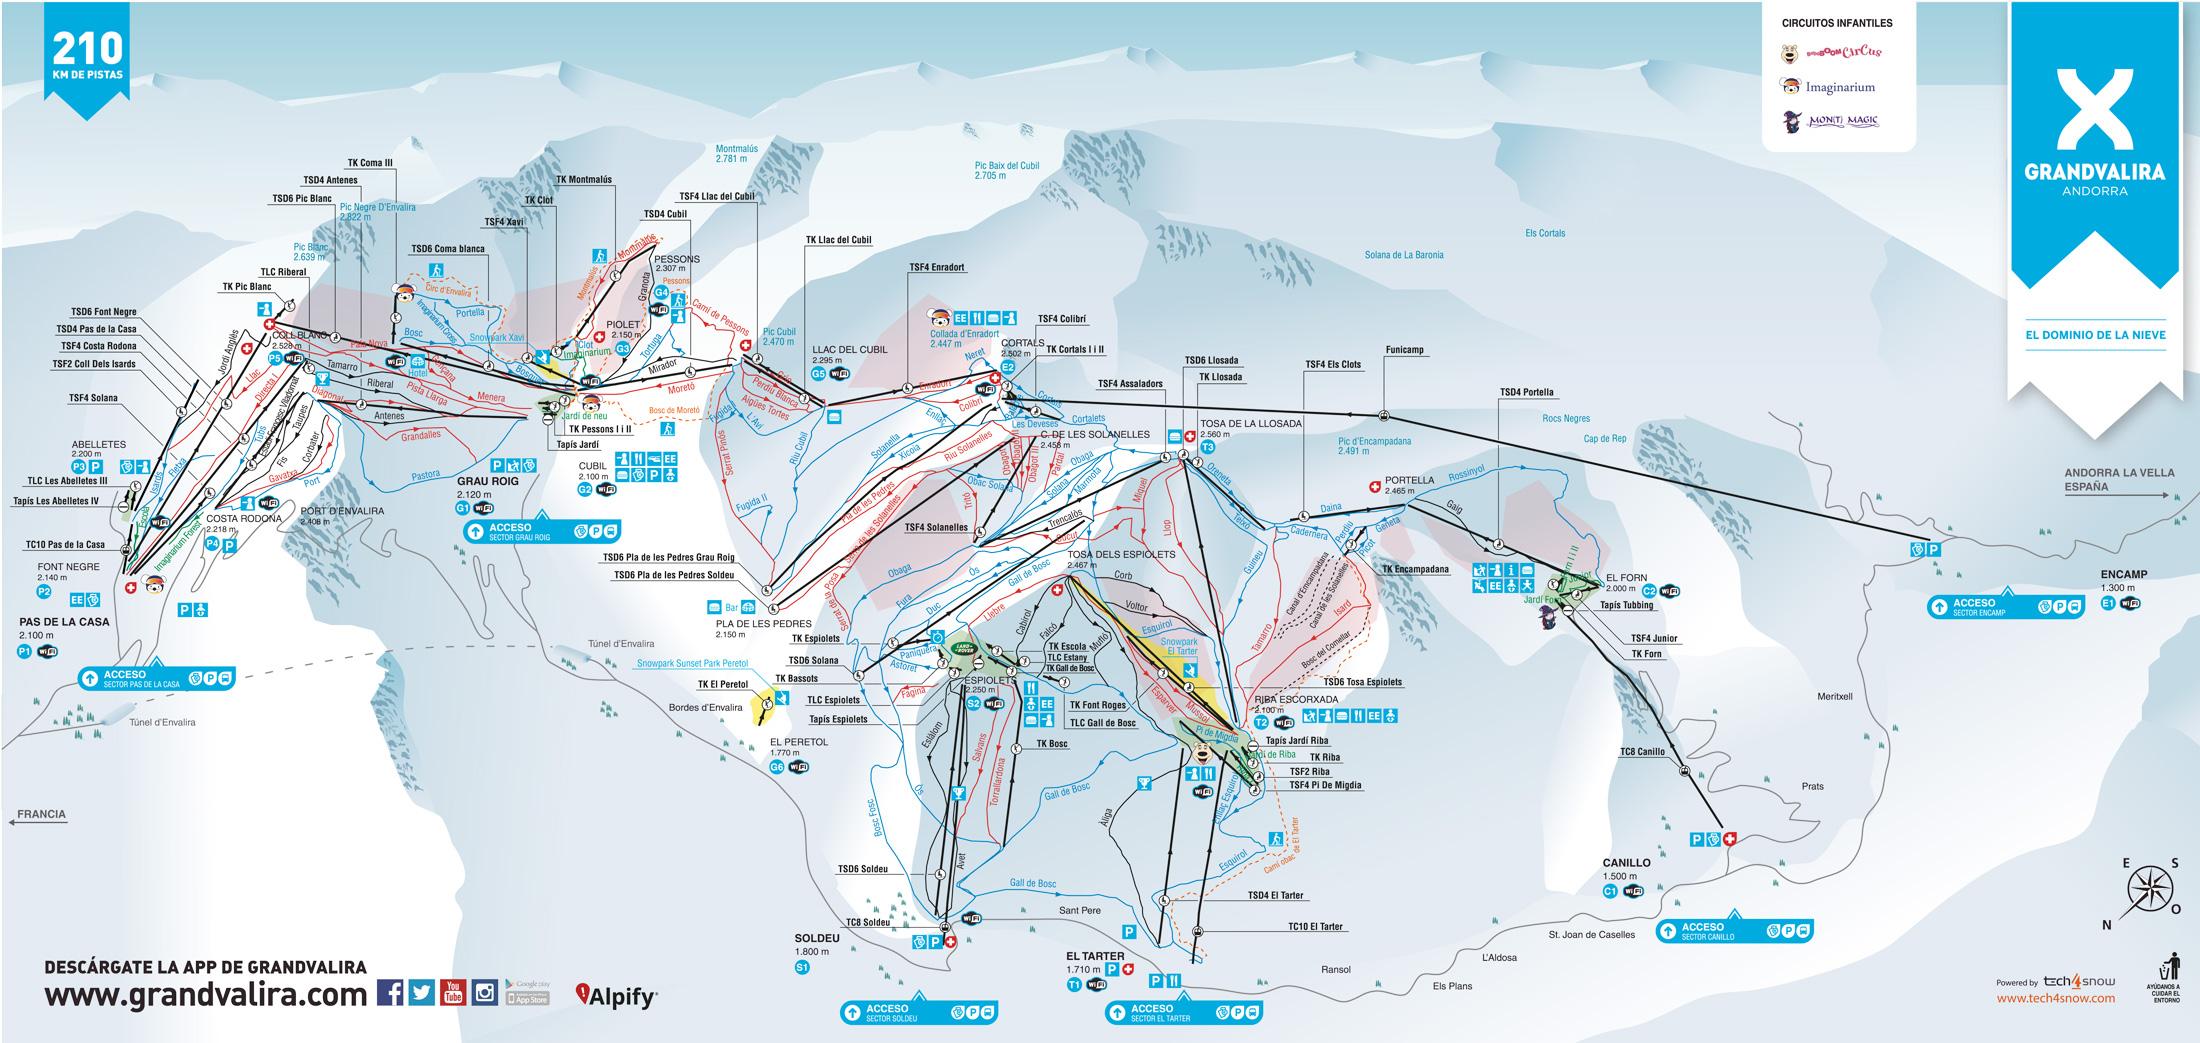 Grandvalira Trail map